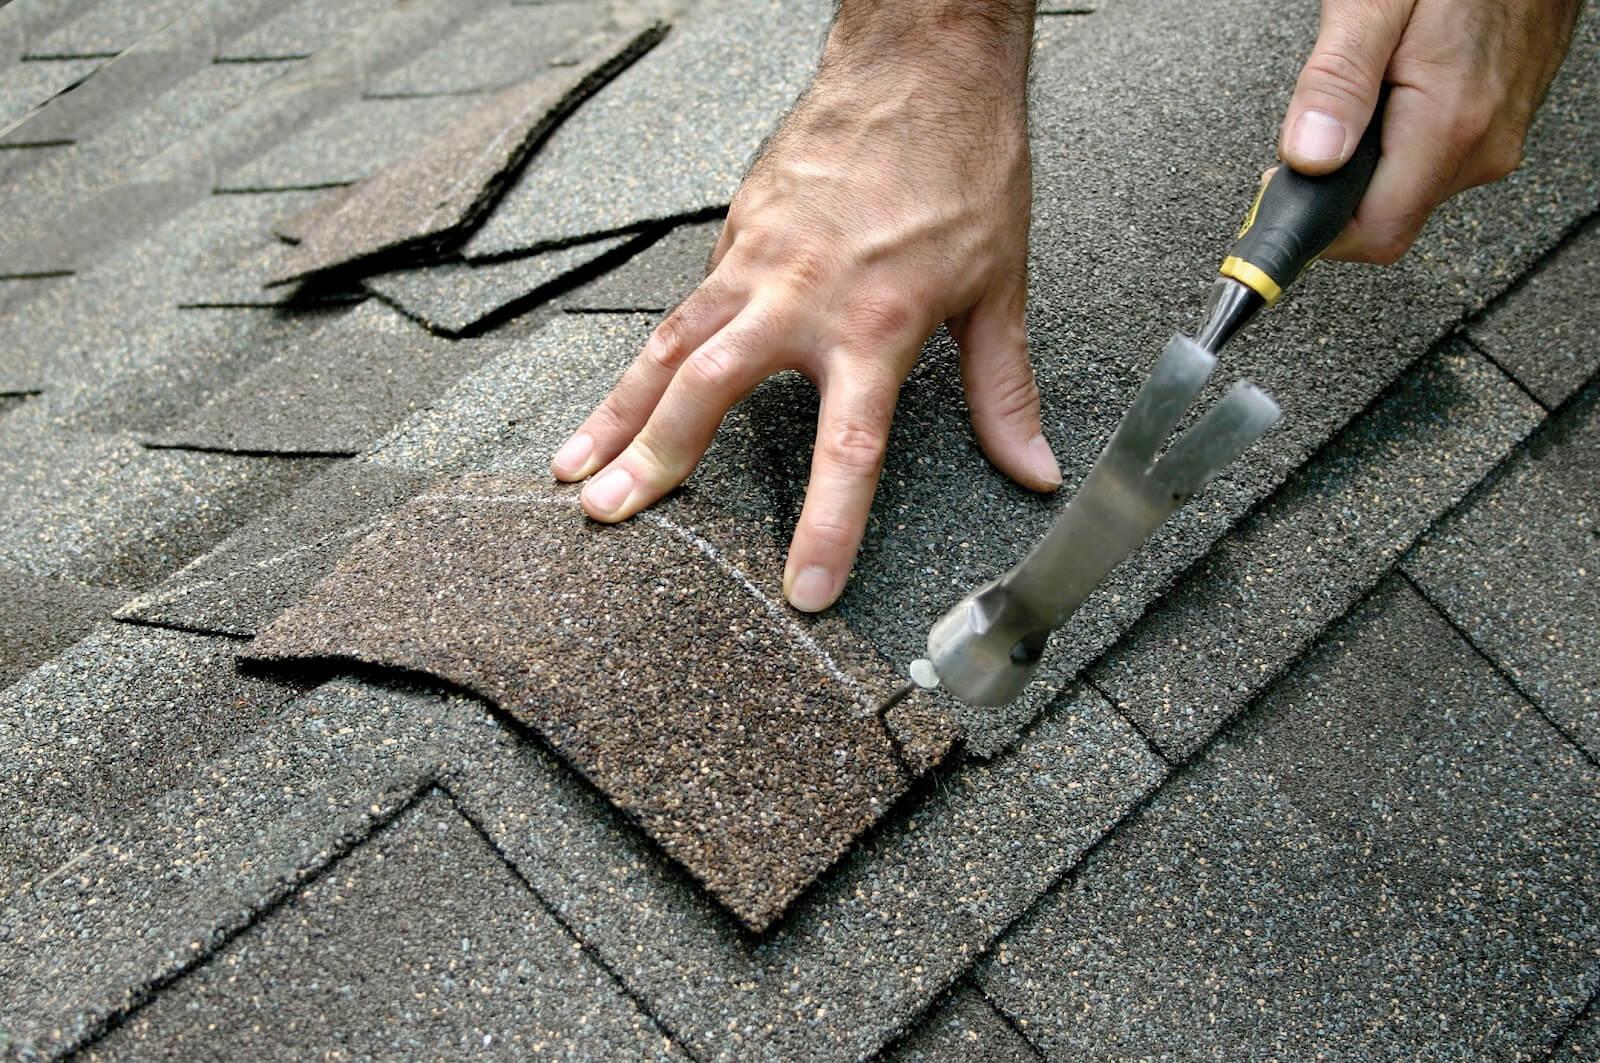 roofing-repairs-spring-tx-bermudx 2019.jpg